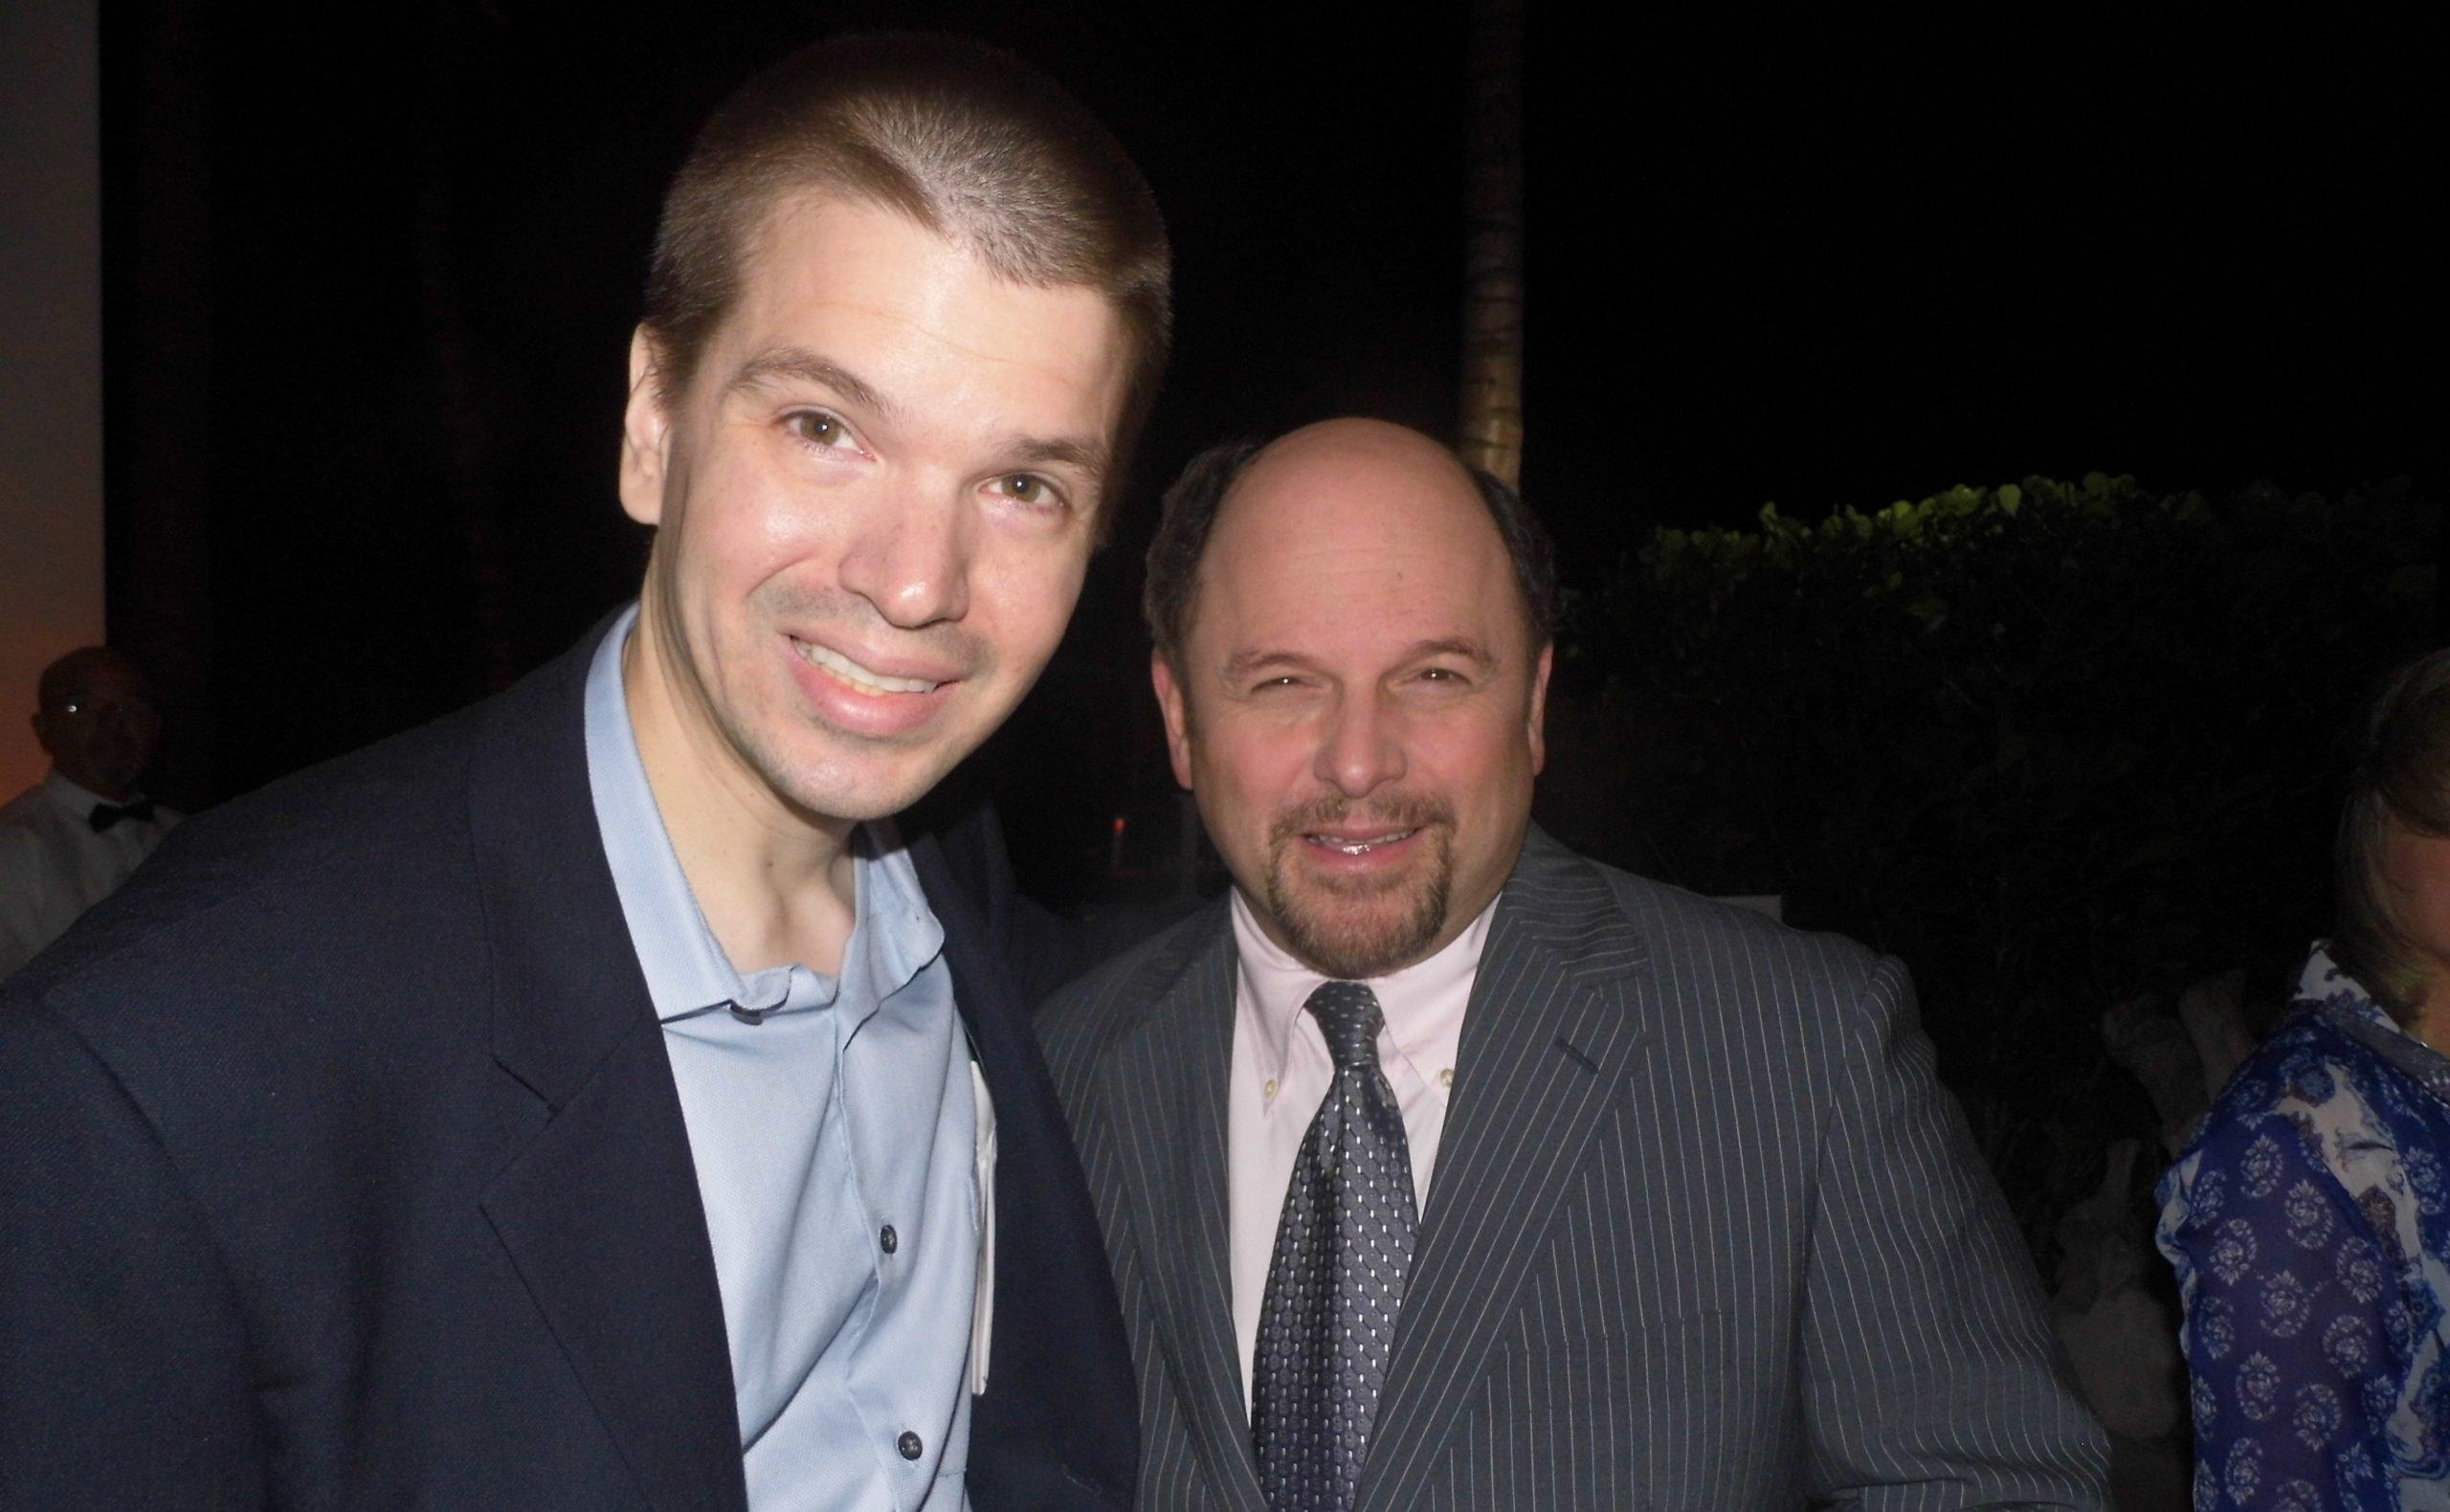 Chris Yandek, Jason Alexander